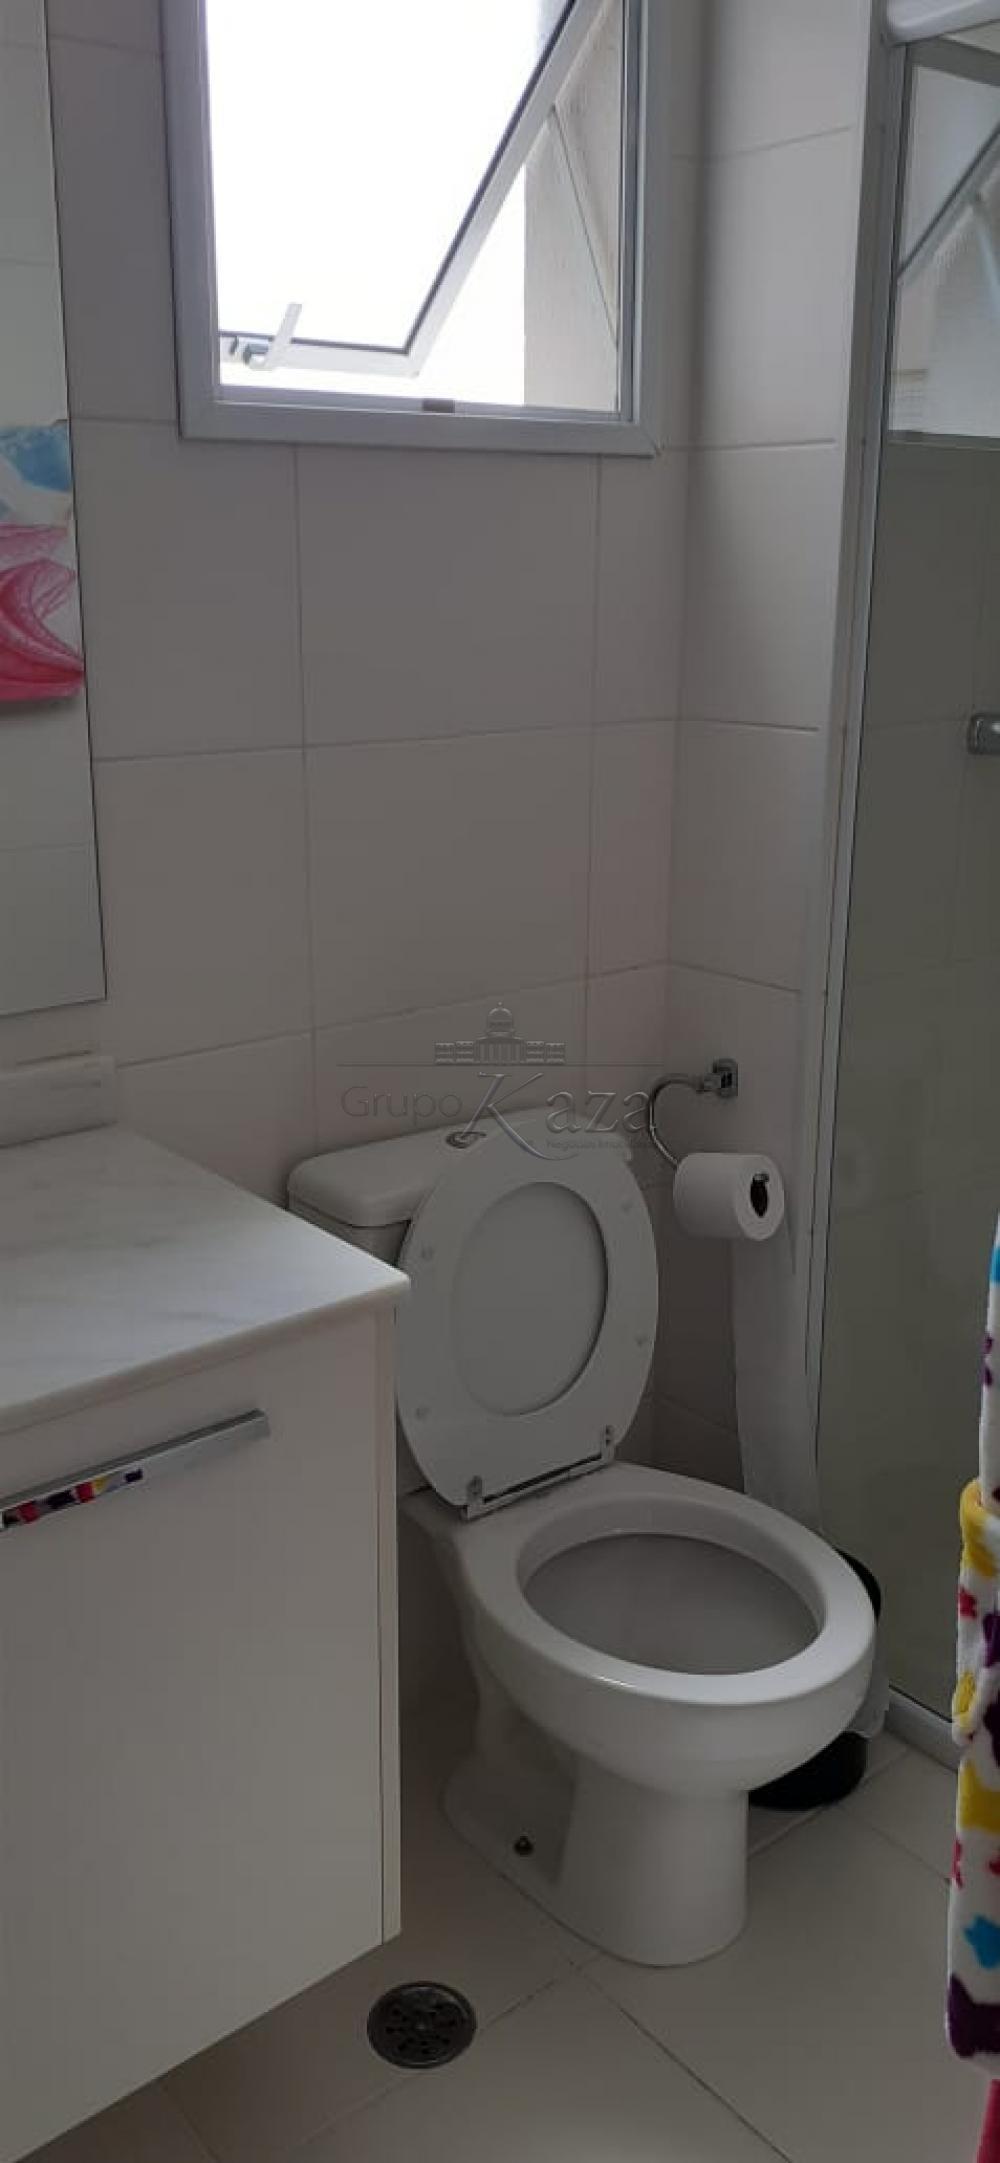 Comprar Apartamento / Padrão em São José dos Campos apenas R$ 930.000,00 - Foto 14